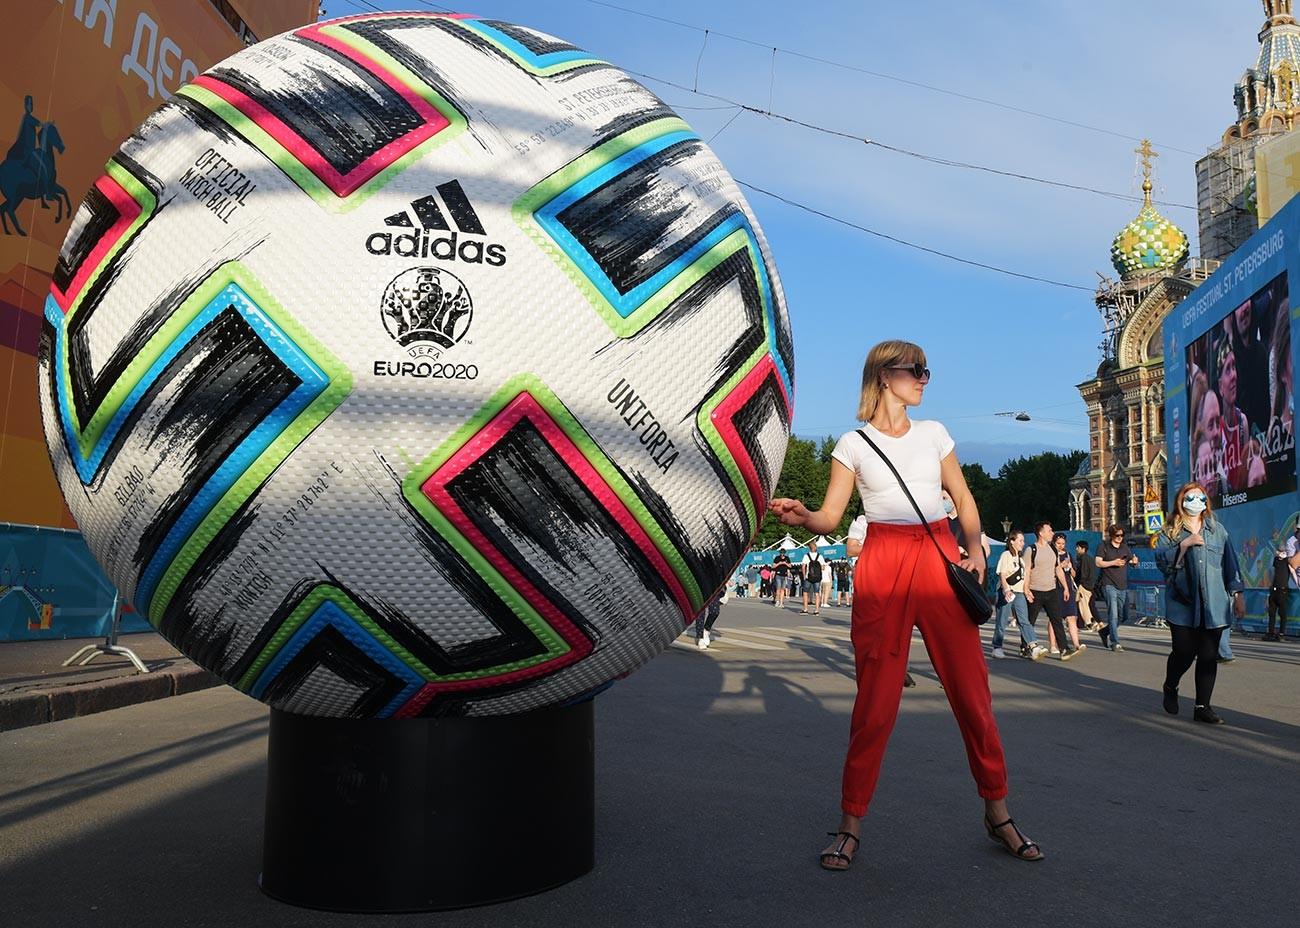 Девојка се фотографише у близини копије званичне лопте Европског фудбалског првенства 2020. у навијачкој зони на Коњушеном тргу у Санкт Петербургу.